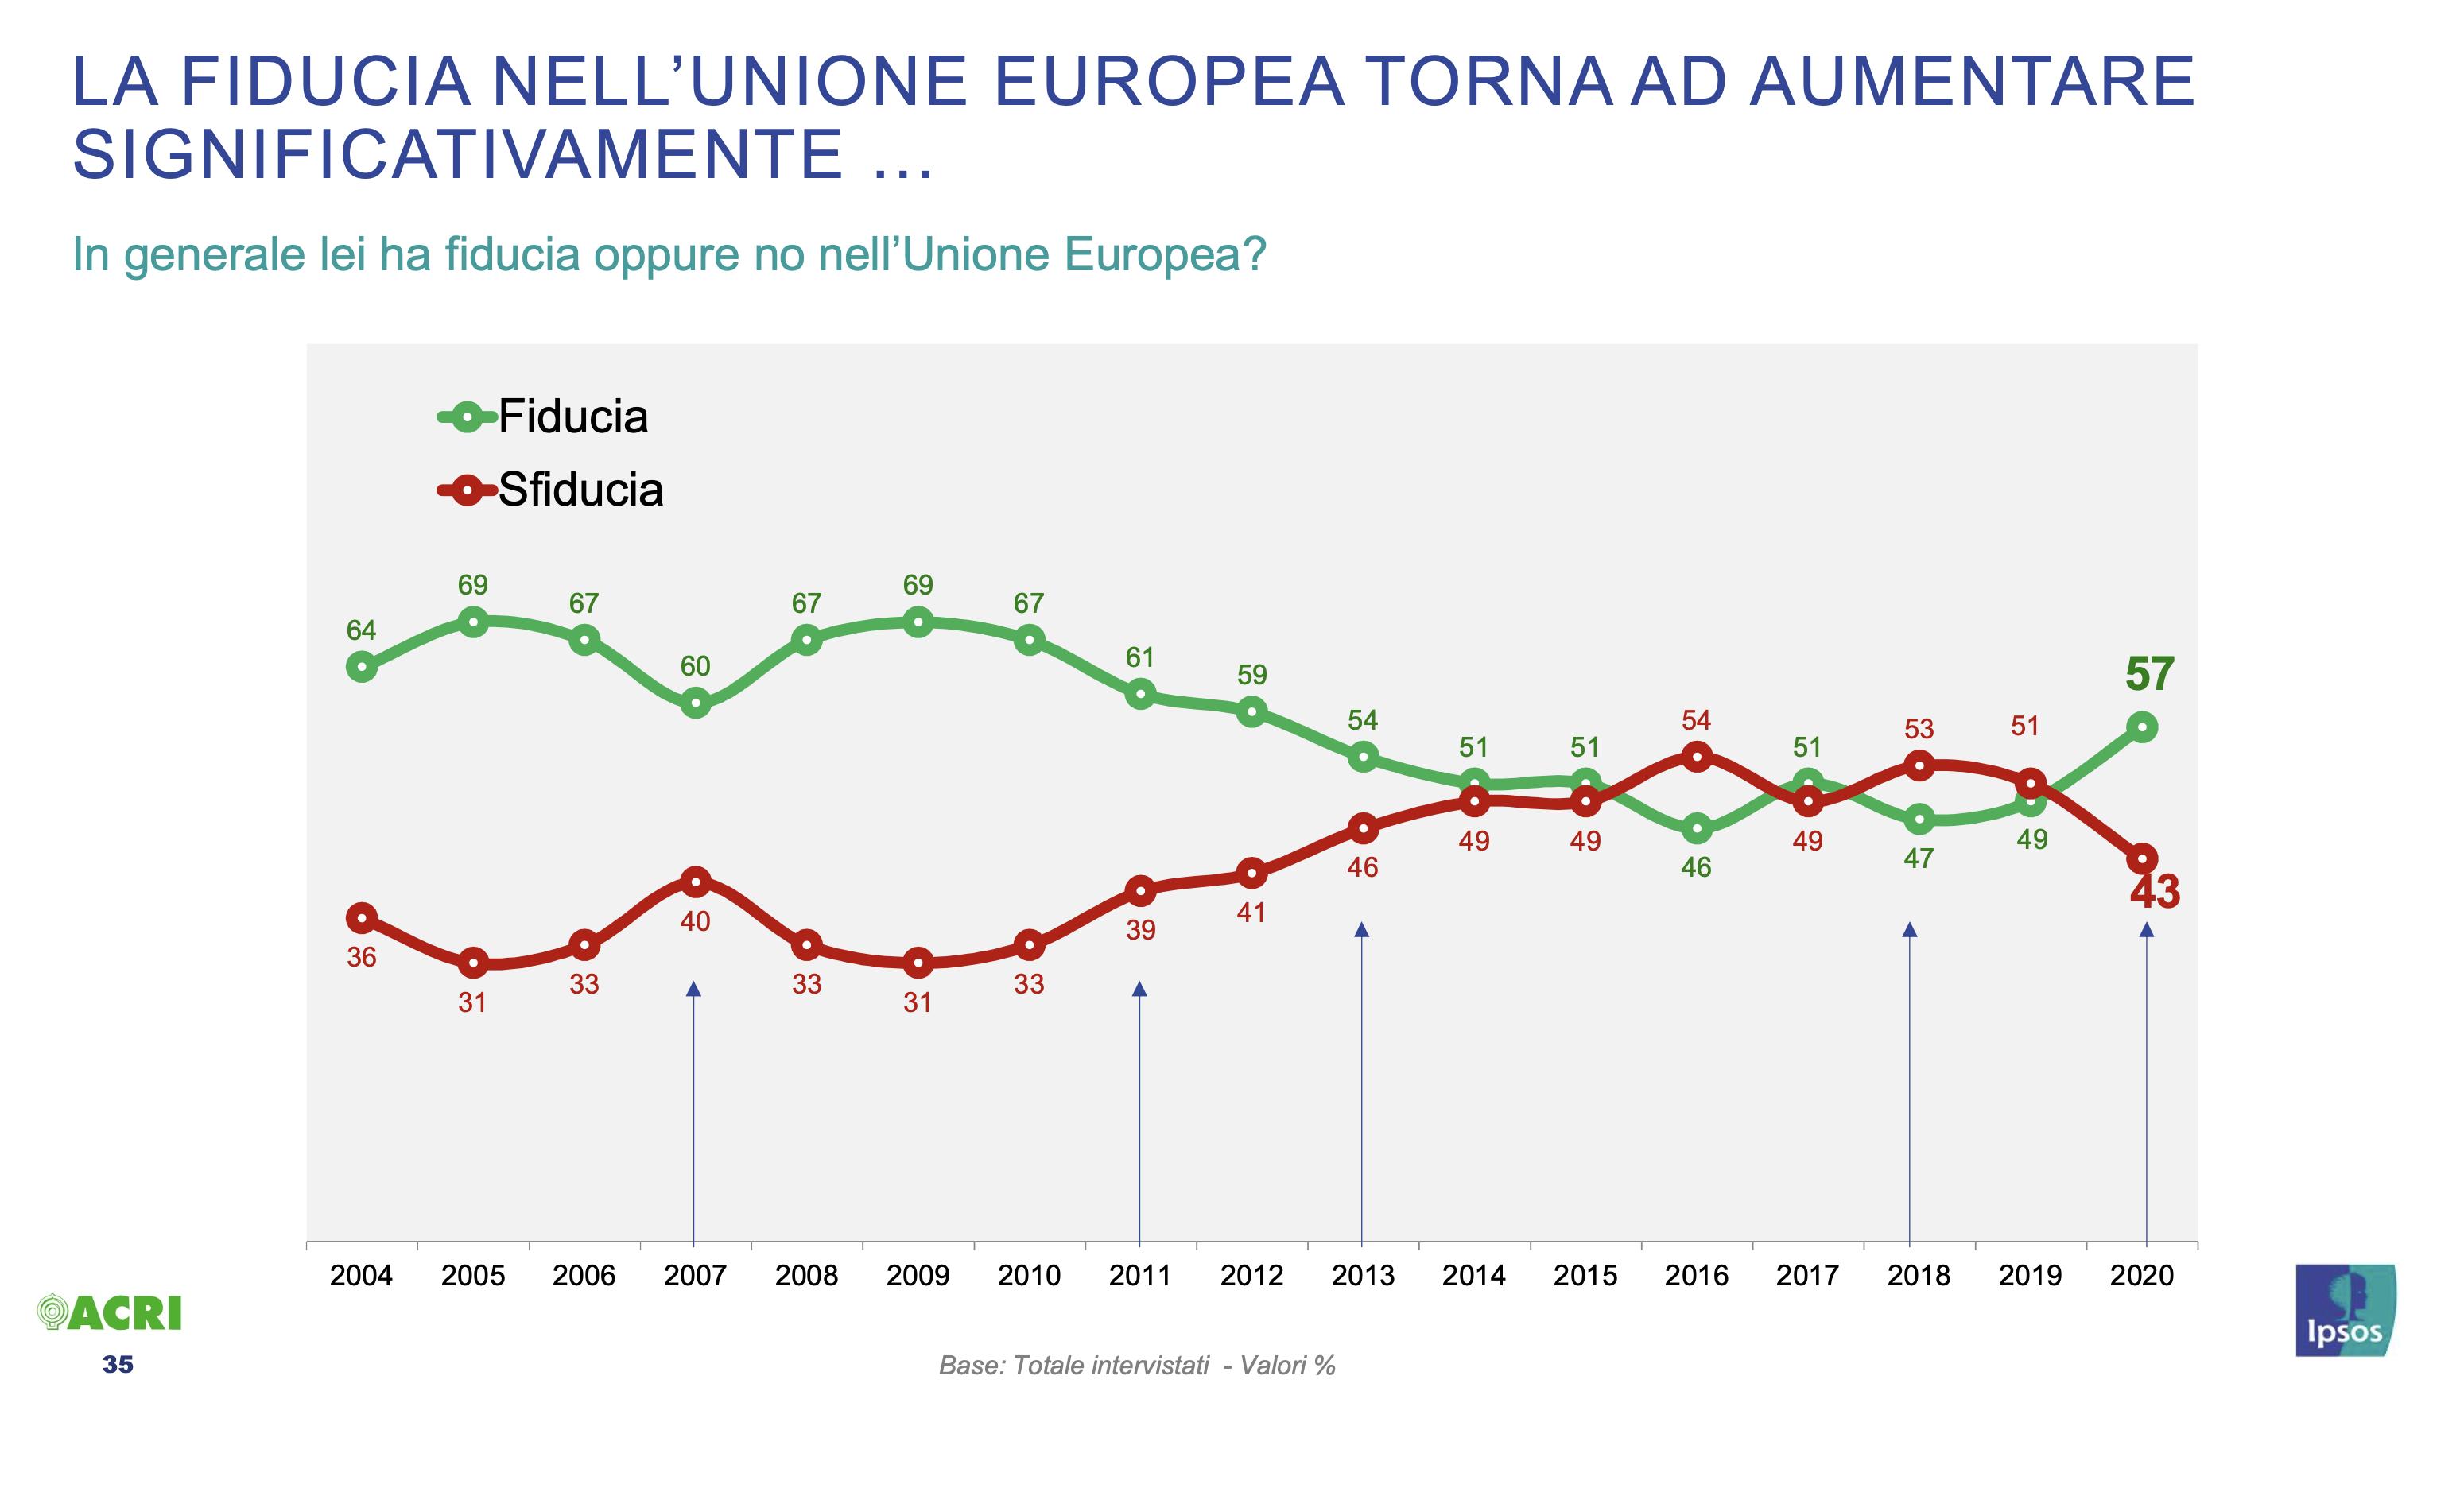 08 - La fiducia nell'U.E torna ad aumentare